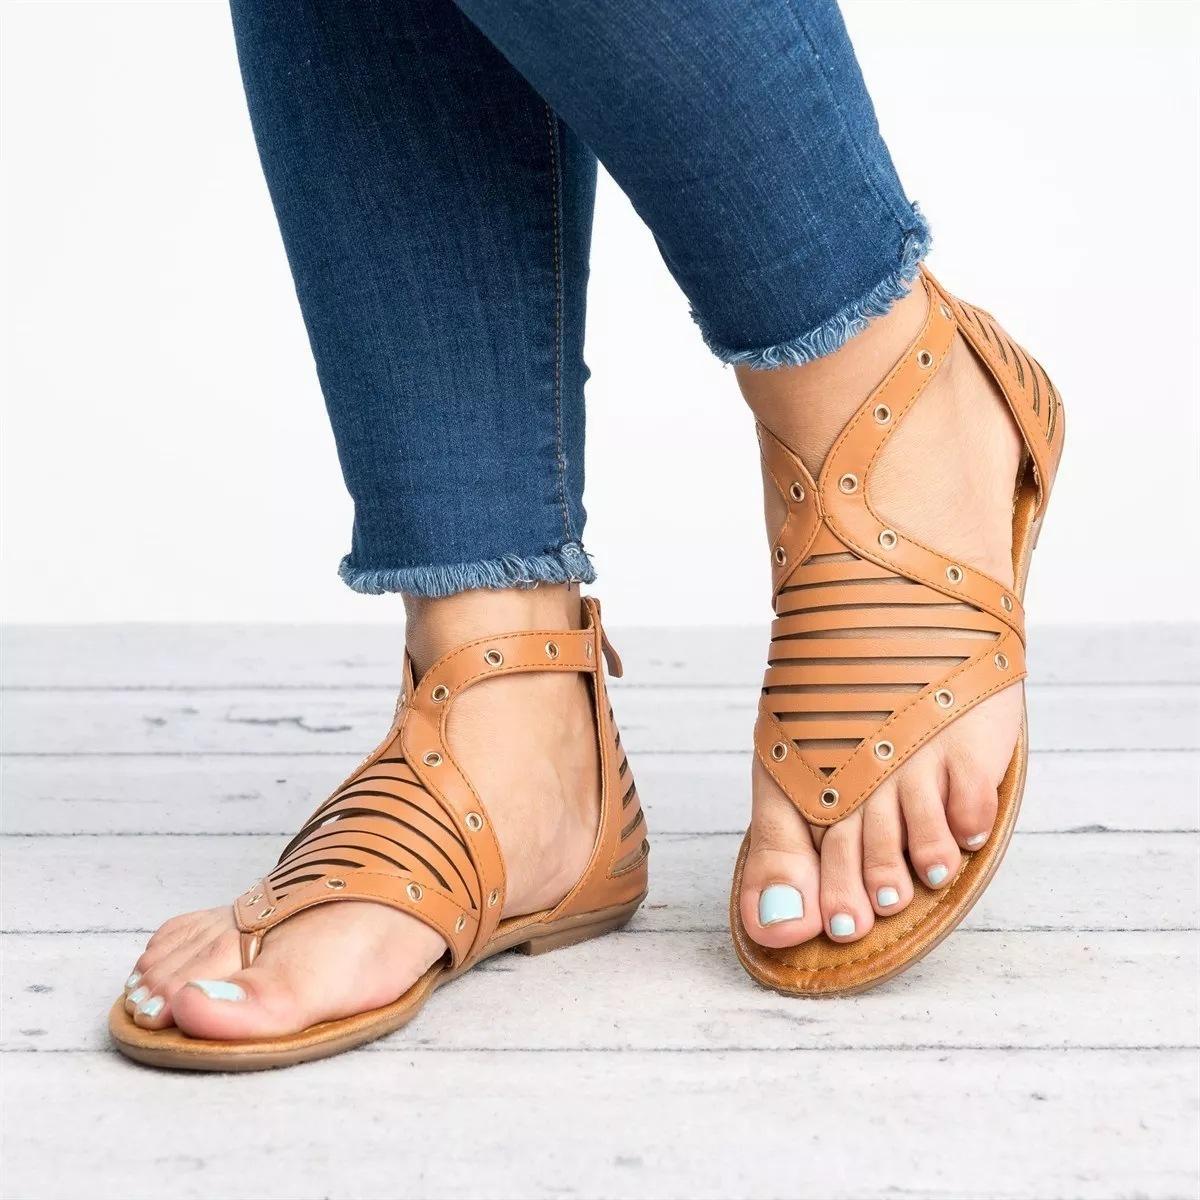 Sandálias Lucky2019 Code Will fundo plano conjunto Toe Sandals mulher coringa sapatos femininos